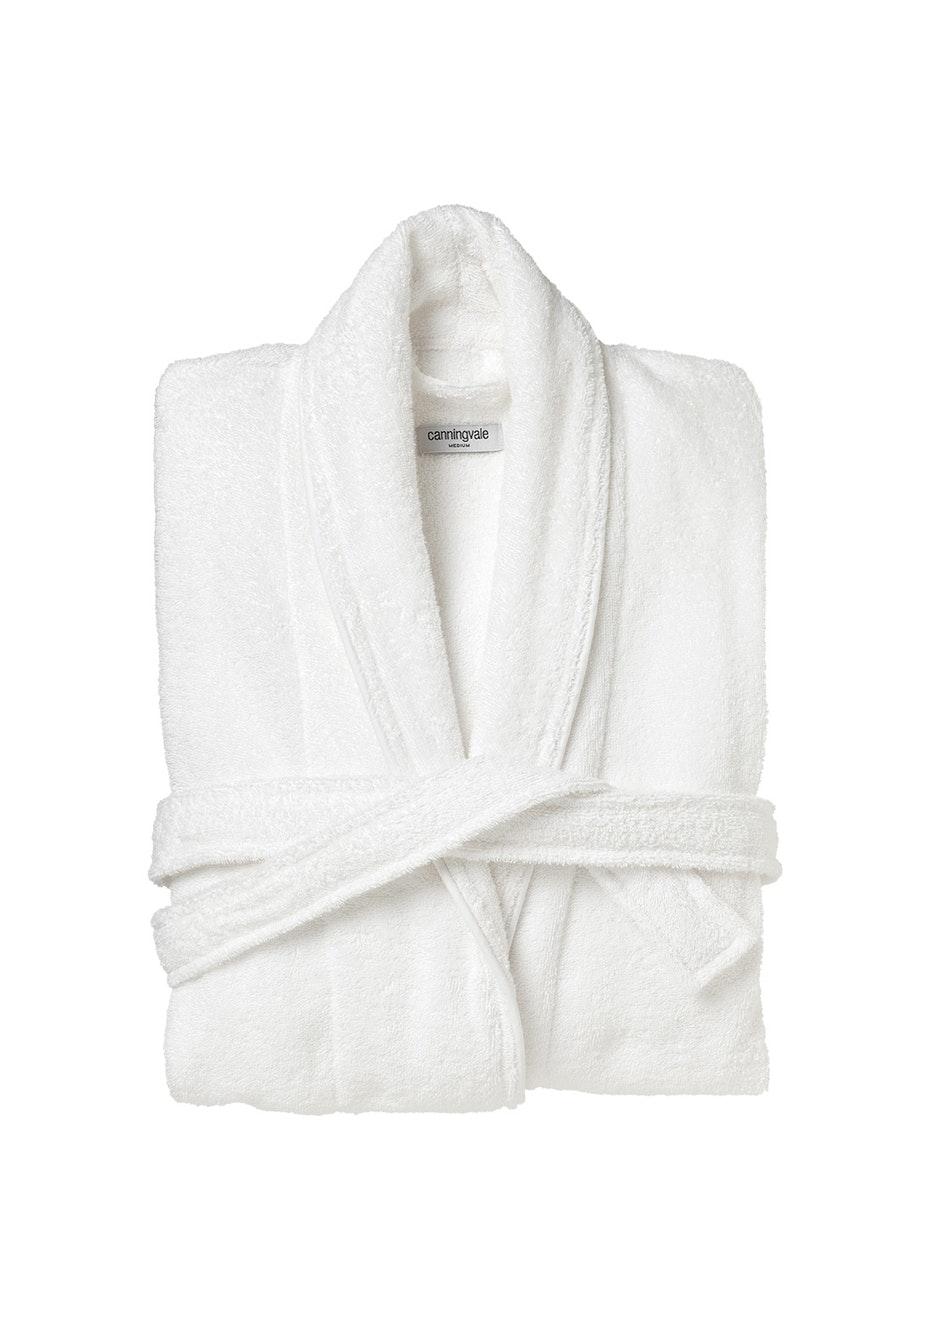 Large Classic Cotton Terry Bathrobe - White.